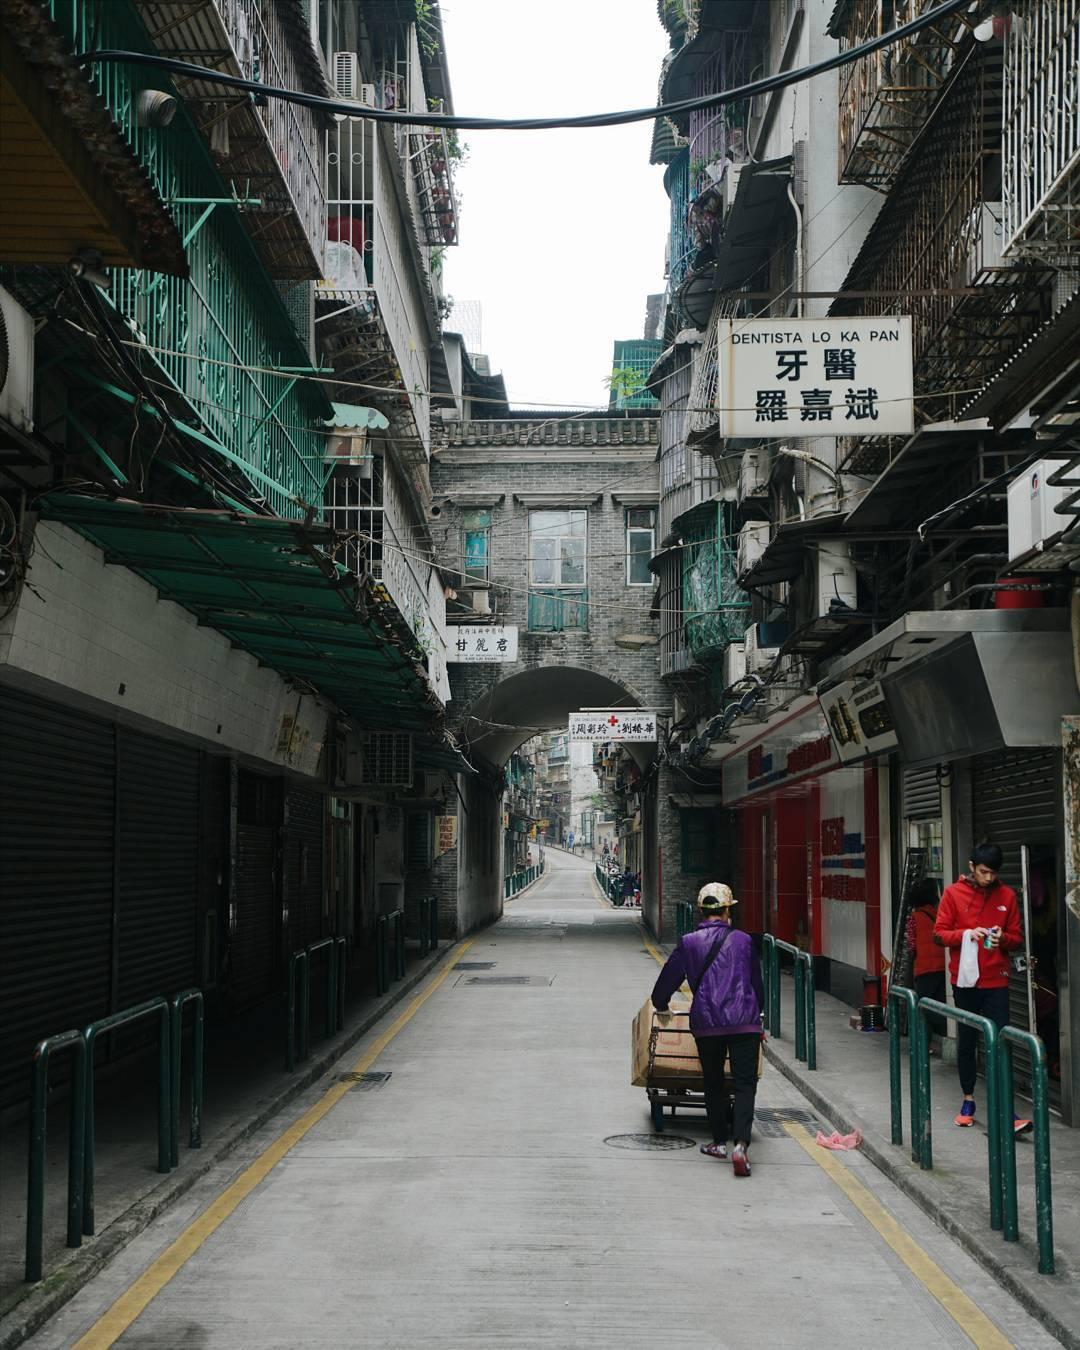 Ulica w Hong Kongu, ulica idzie kobieta w fioletowej bluzce